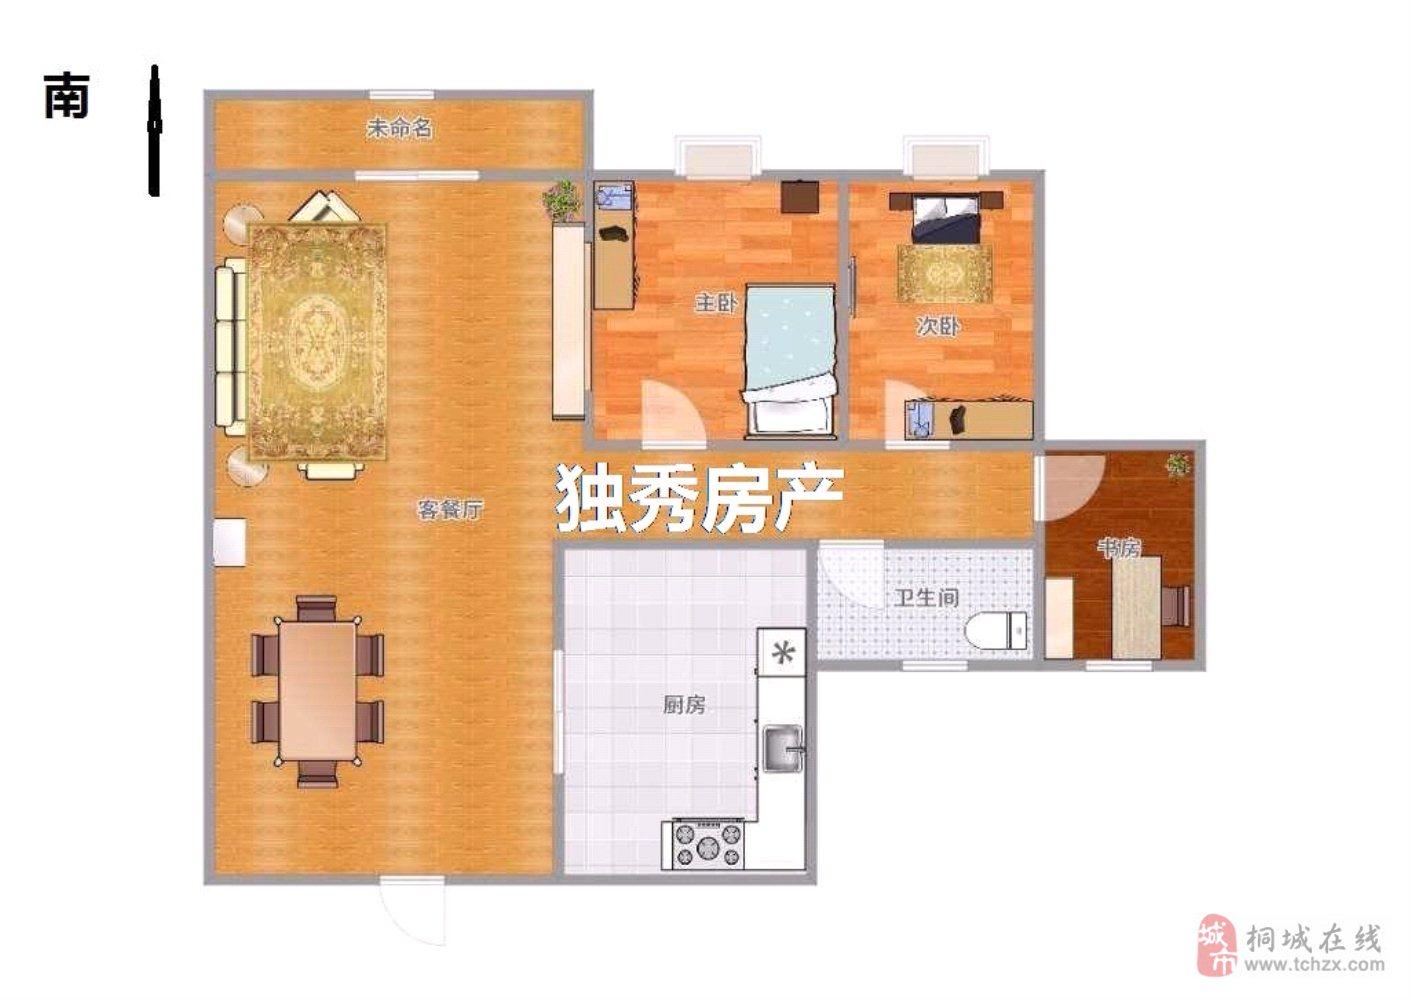 天紫·四季花城2室2厅1卫54万元